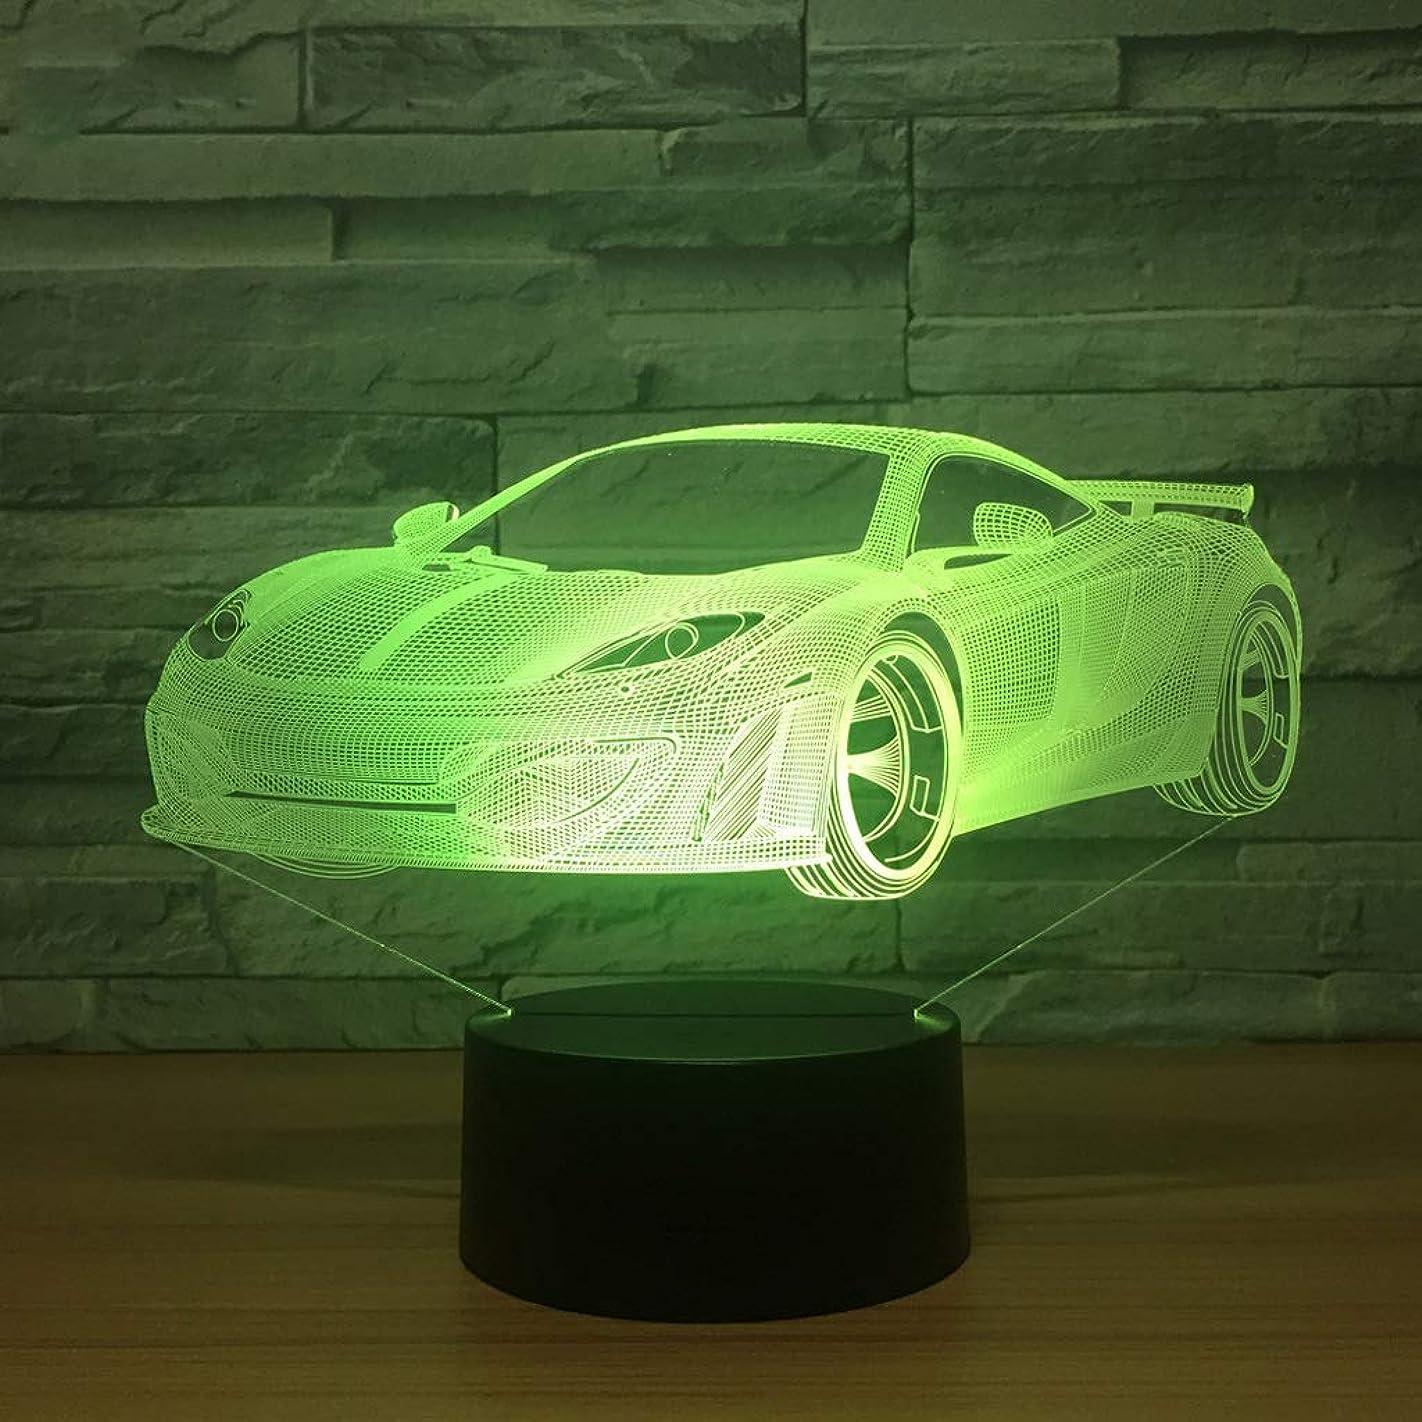 見つけた凍った特許3Dイリュージョンナイトライト、スポーツカーステレオLEDテーブルデスクランプ7色のタッチスイッチを変更するUSB??充電照明ベッドルームホーム装飾ランプY (色 : 3, サイズ さいず : Bluetooth audio)